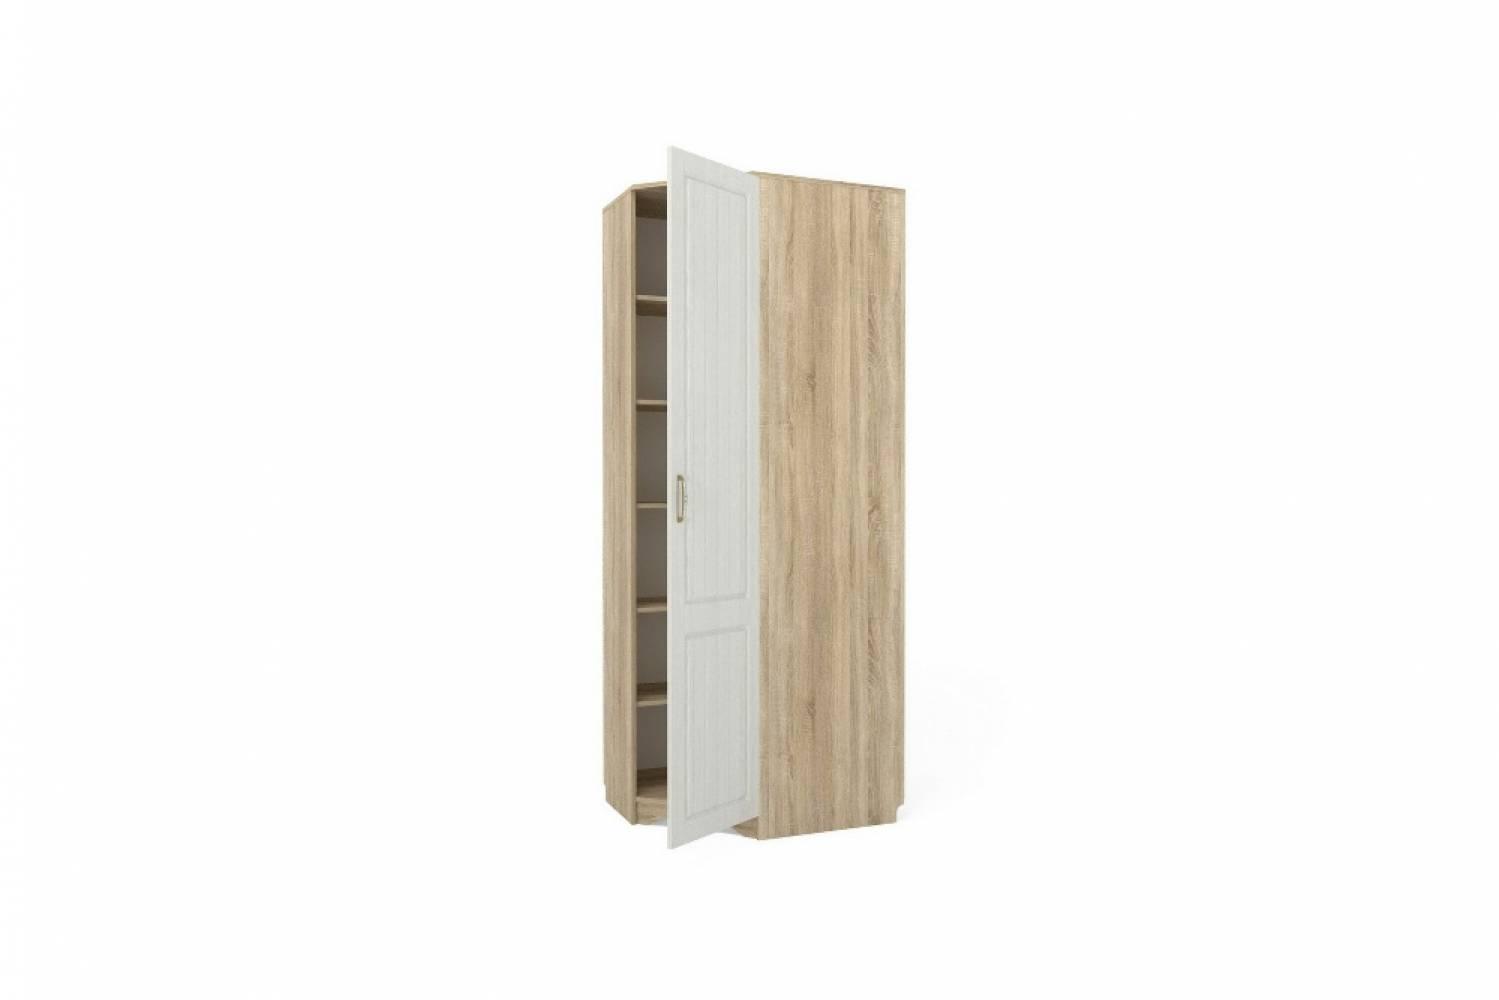 Шкаф угловой правый НМ 014.11 ОЛИВИЯ (Дуб Сонома)